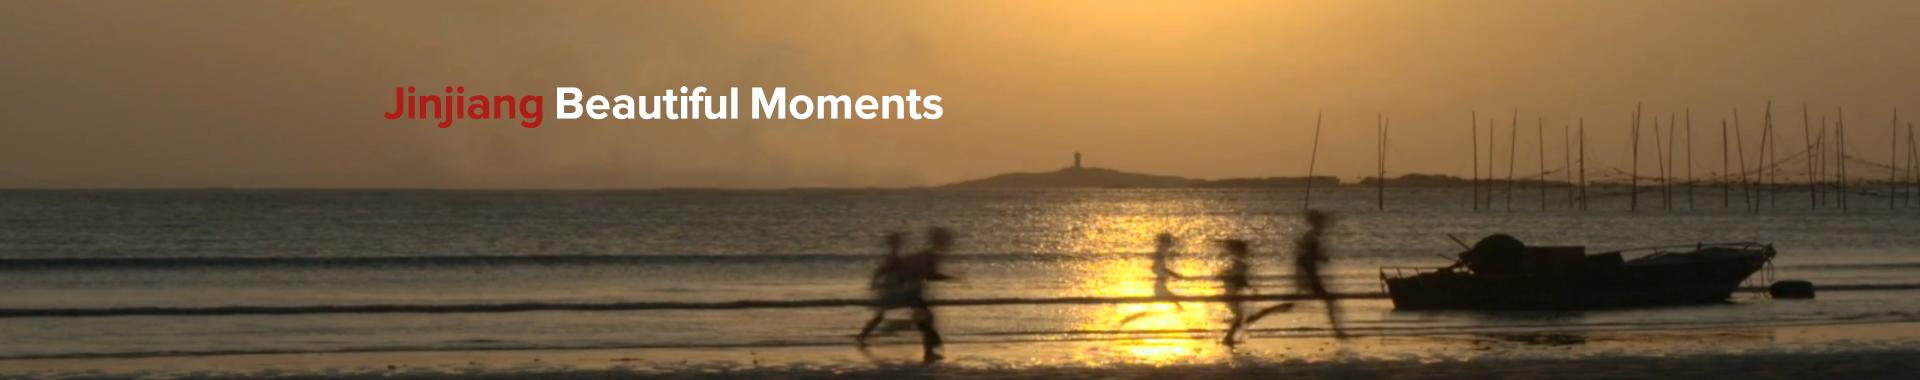 Jinjiang Beautiful Moments